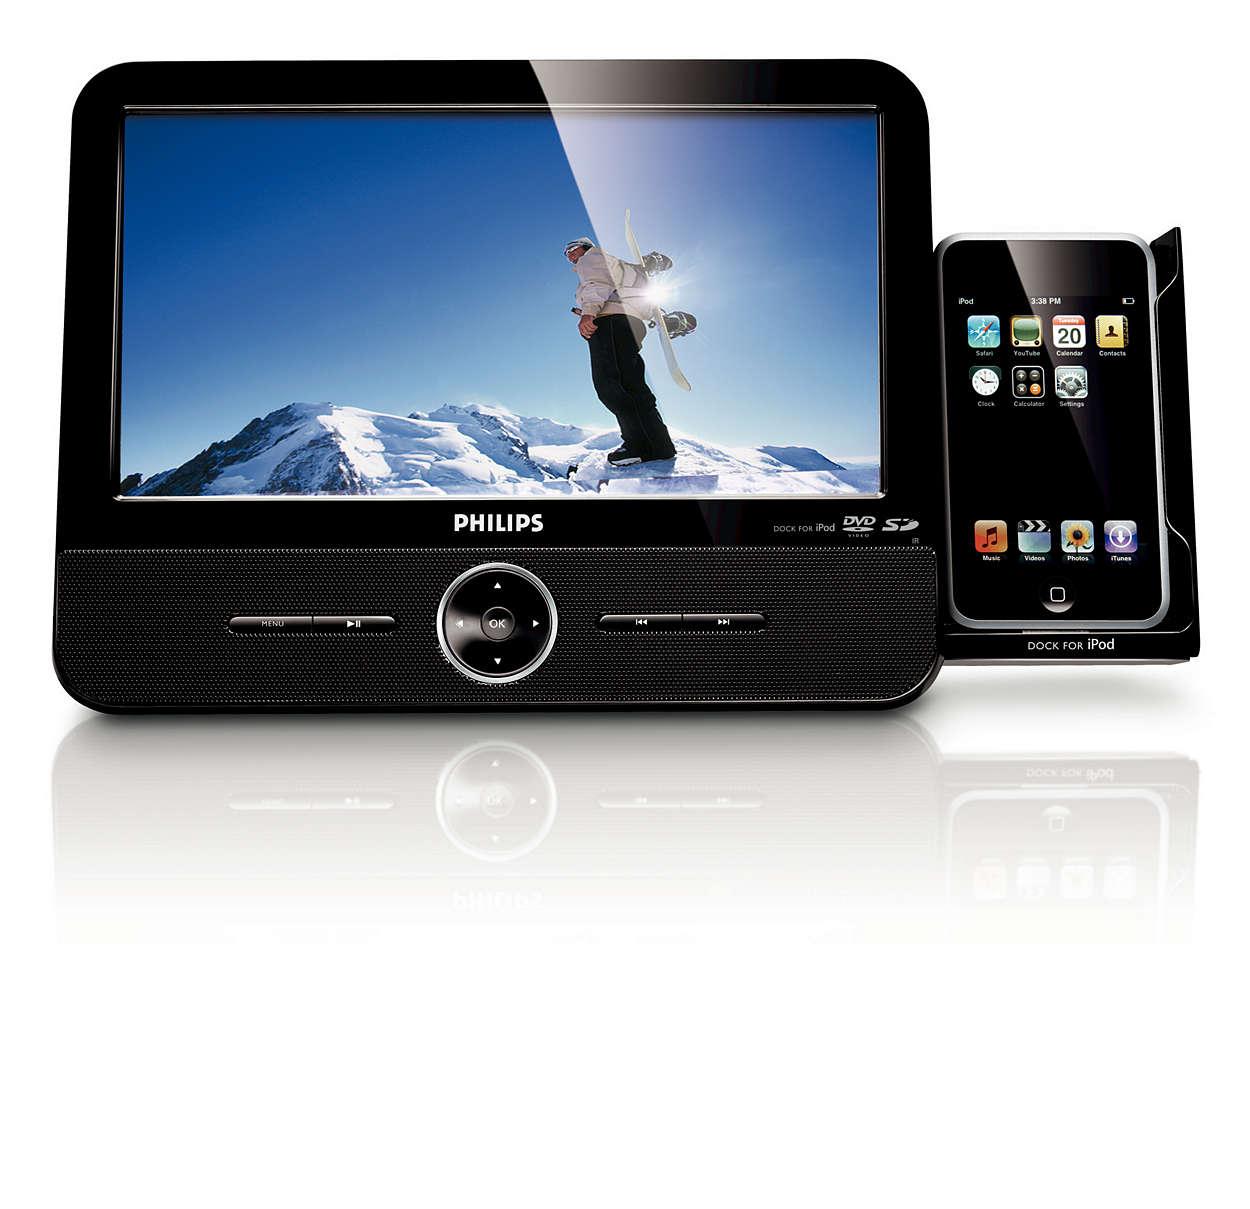 Vychutnajte si svoje videá z iPod-u, diskov DVD a karty SD